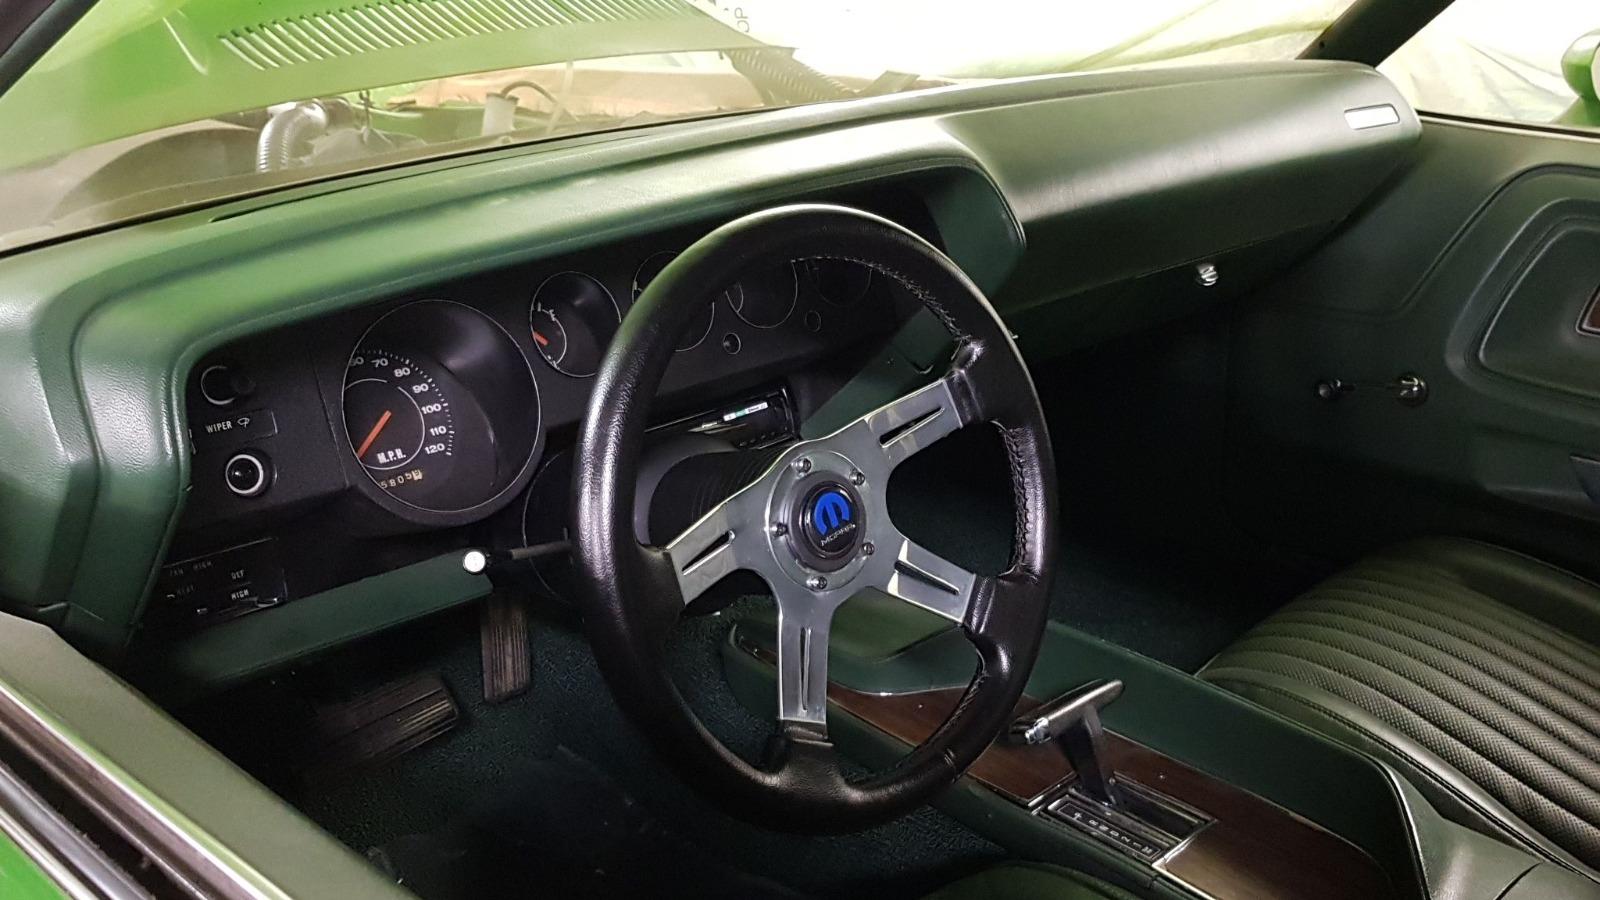 Alt du trenger er et sportslig ratt og speedometer.